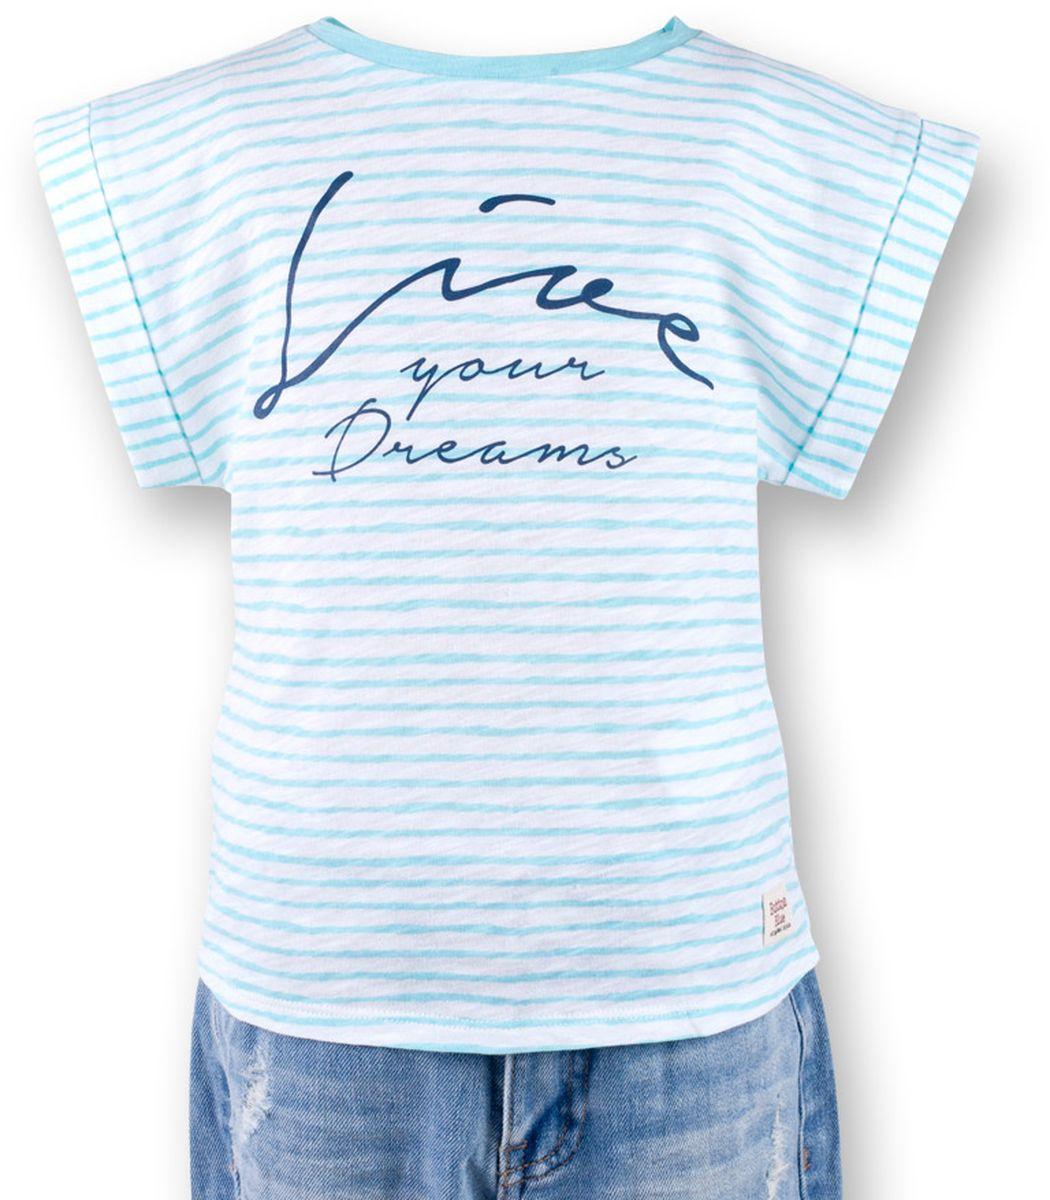 Футболка для девочки Button Blue Main, цвет: ментоловый. 117BBGC12022605. Размер 104, 4 года117BBGC12022605Полосатая футболка - не только базовая вещь в гардеробе ребенка, но и залог хорошего летнего настроения. Если вы решили купить футболку для девочки, выберете модель футболки в полоску с оригинальным принтом, и ваш ребенок будет доволен.